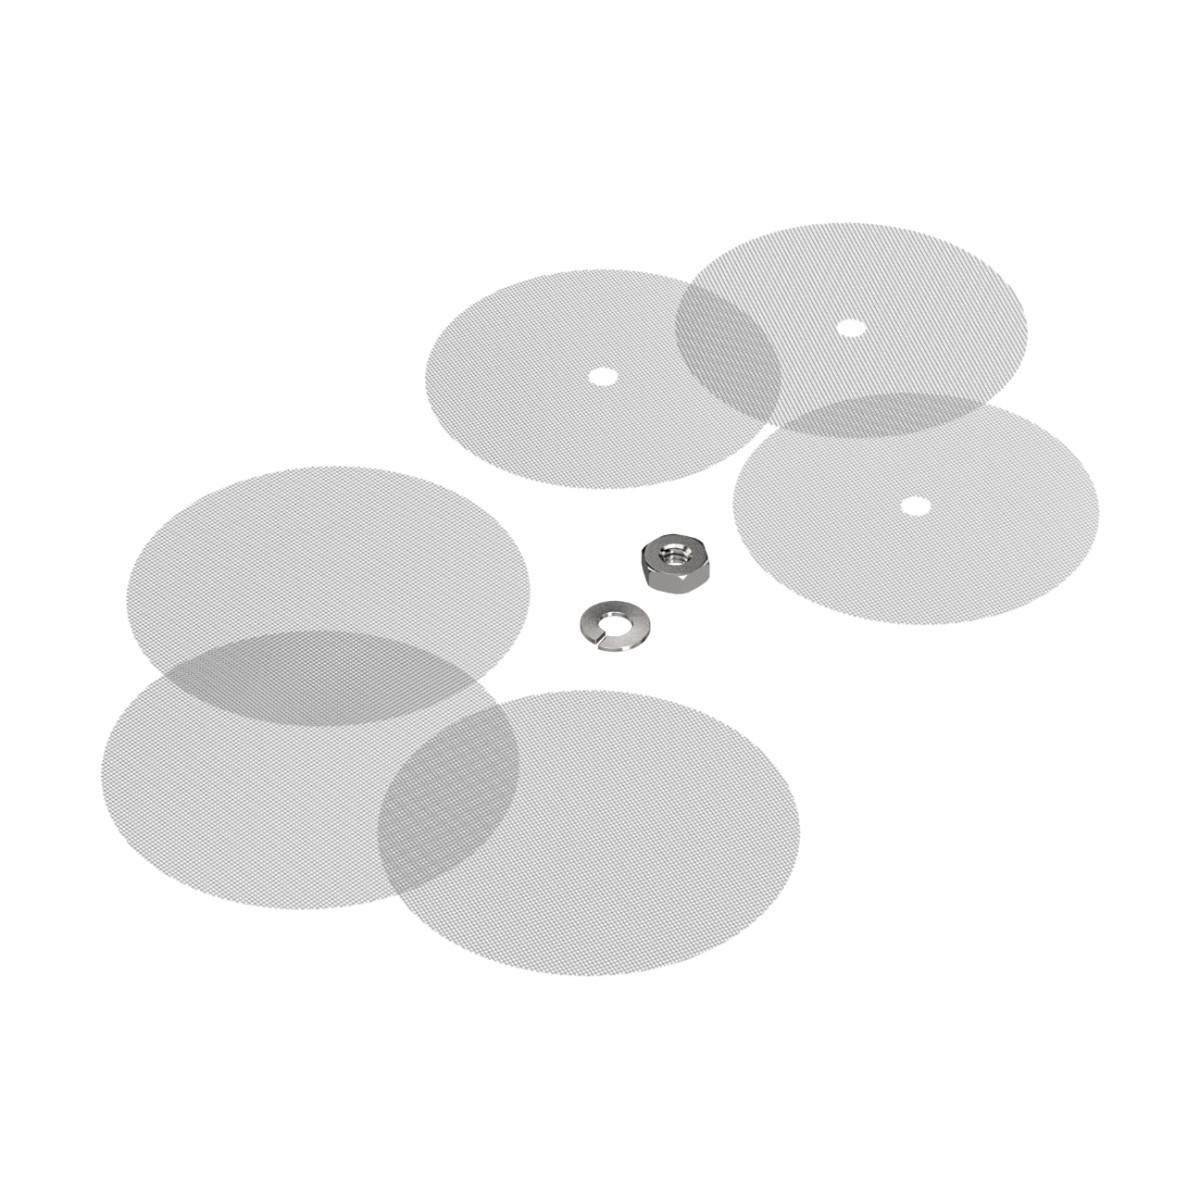 Set de Tamis Fins - SOLID VALVE Storz & Bickel - 2